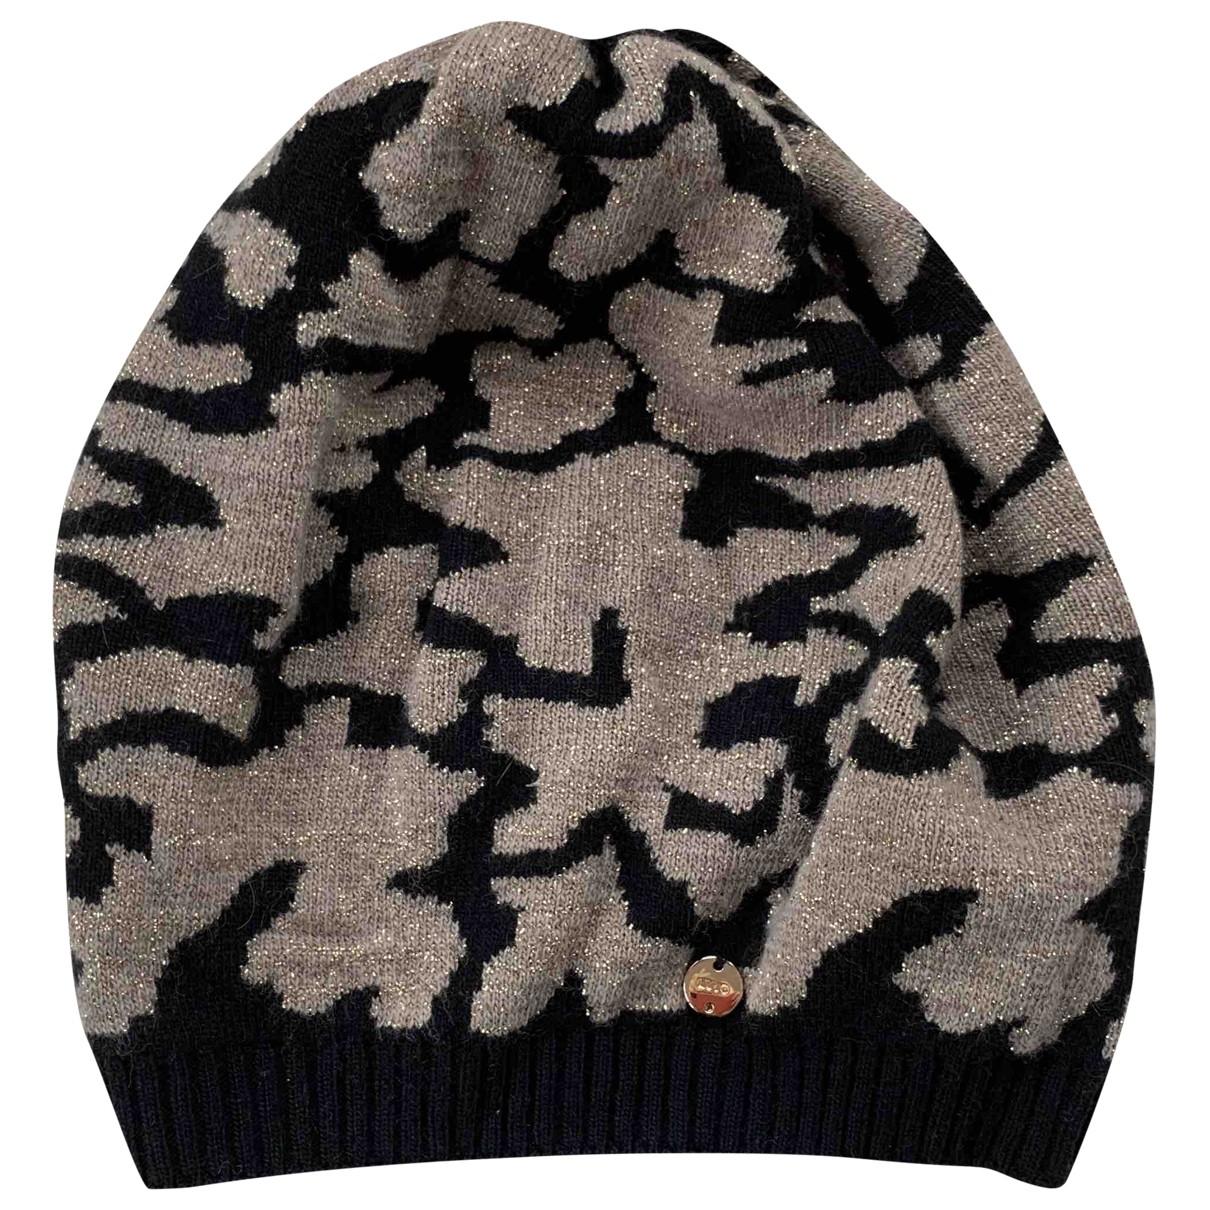 Liu.jo \N Gold hat for Women M International